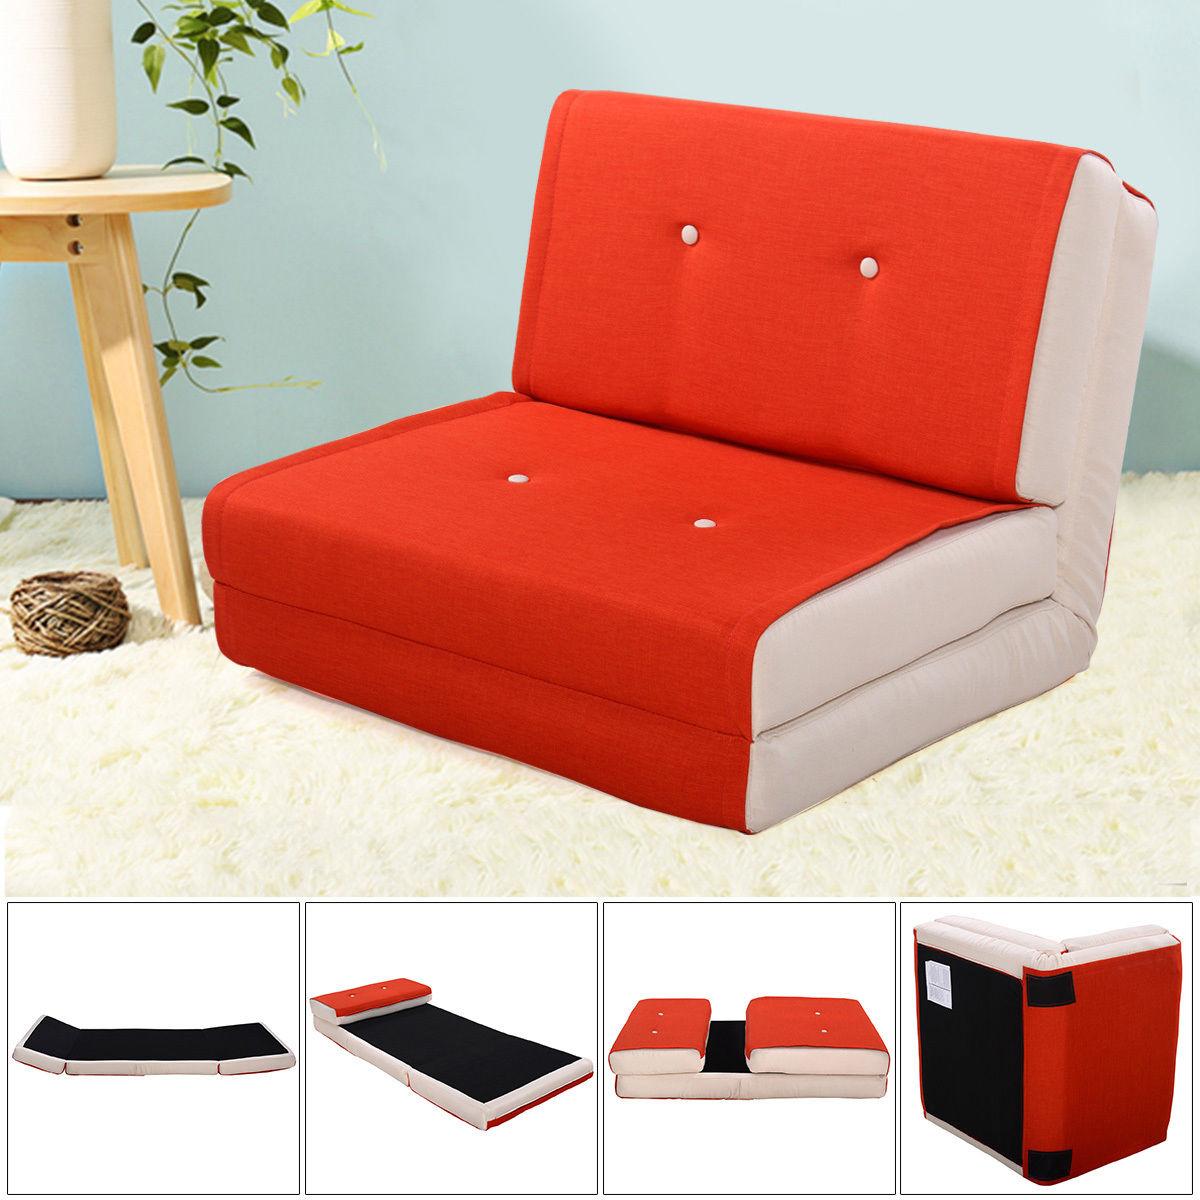 Giantex раскладной диван кровать современный Кабриолет Разделение сзади белье футон lovesear диван кресло Гостиная диване кресло HW52681DKRE